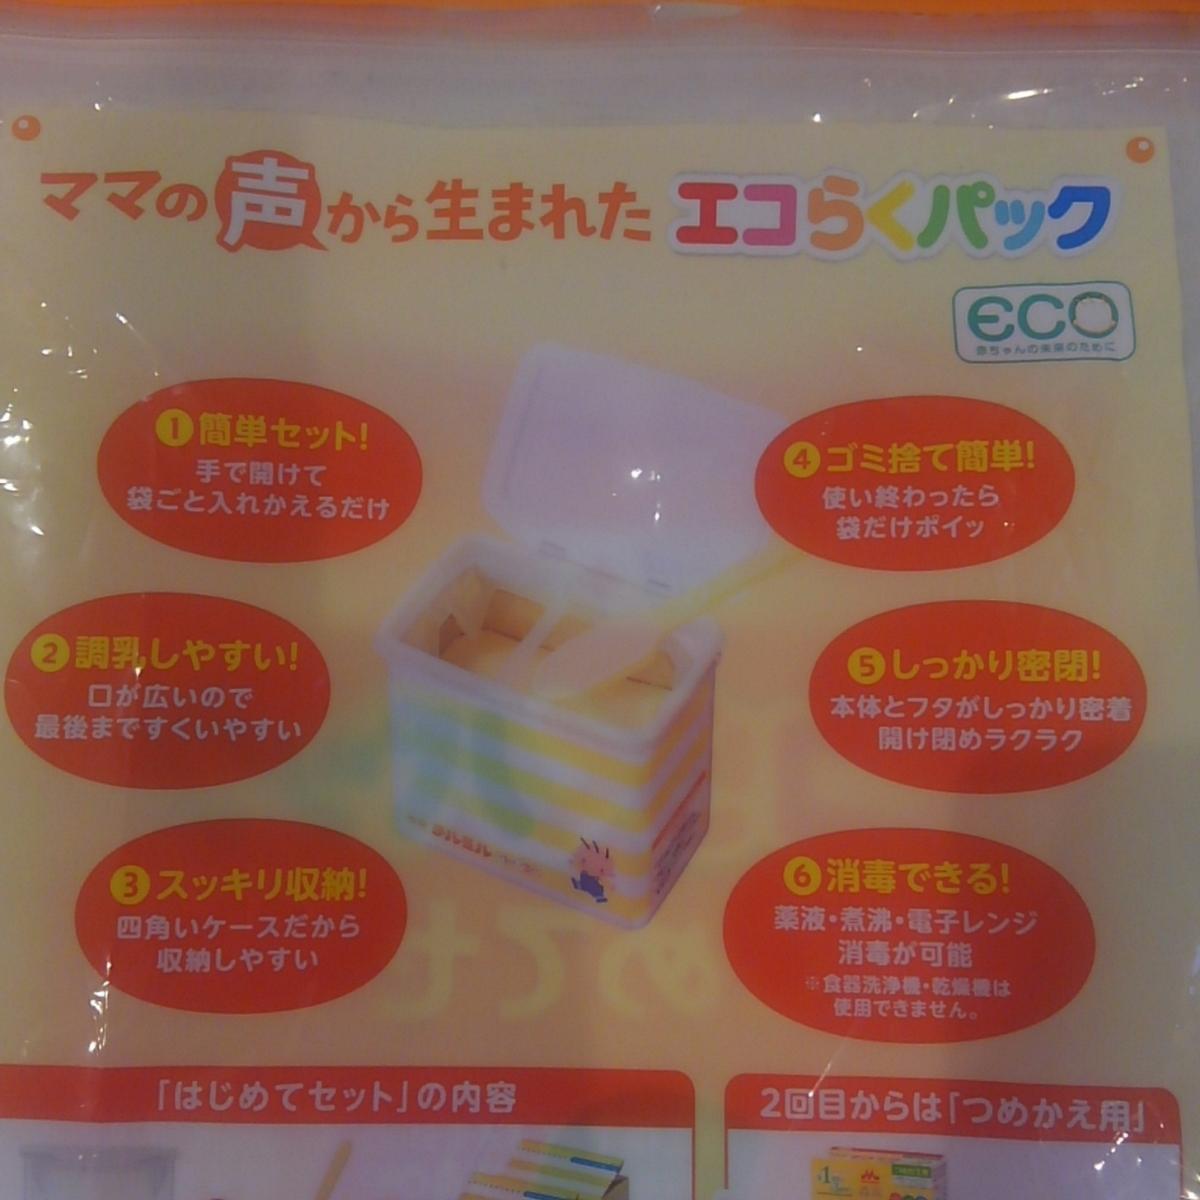 チルミル エコらくパック フォローアップミルク